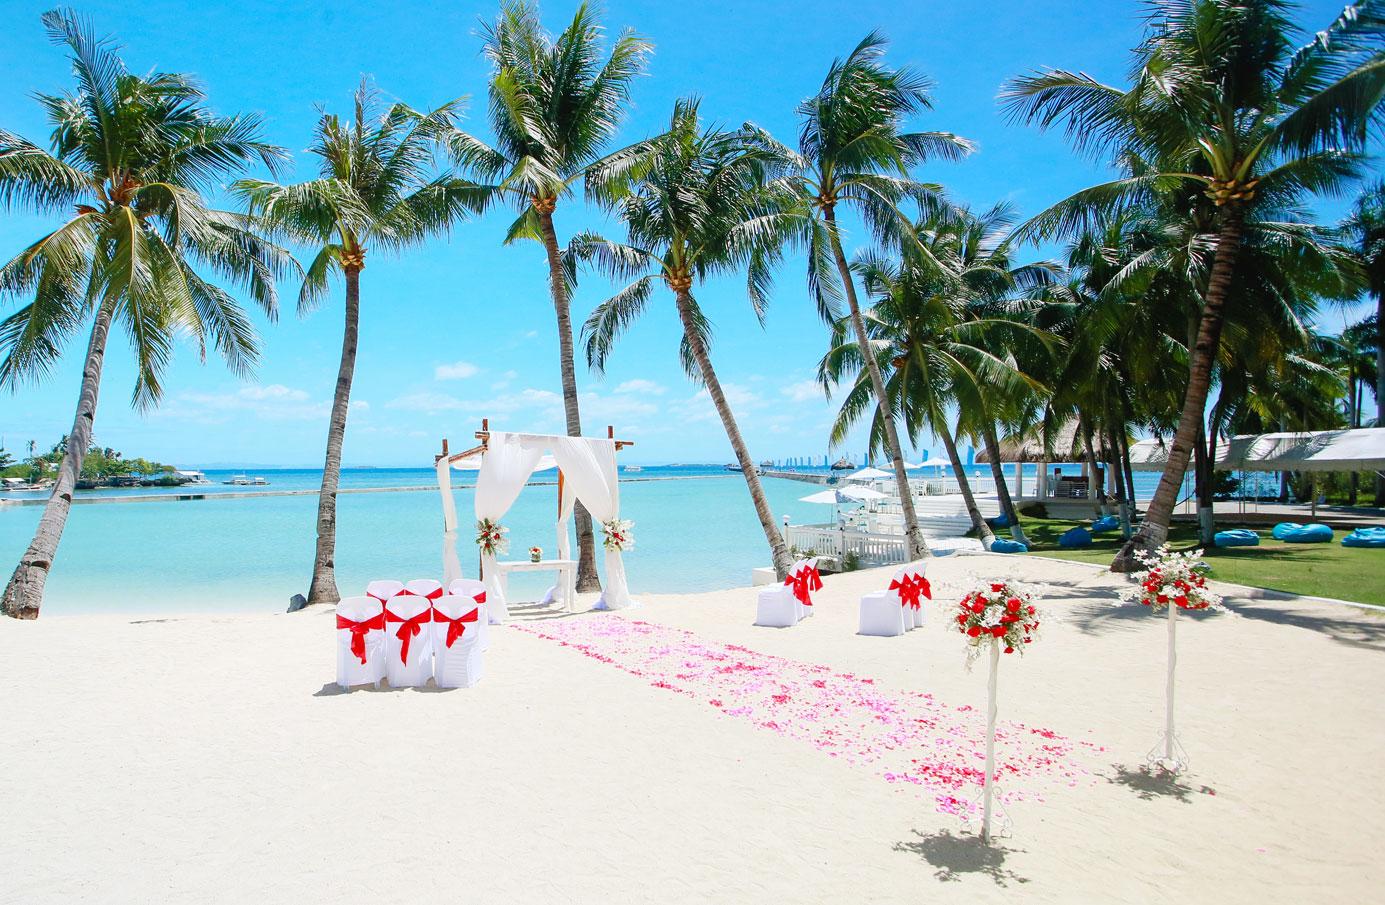 セブ島結婚式 セブ島挙式会場 セブ島ウエディング セブ島PCR